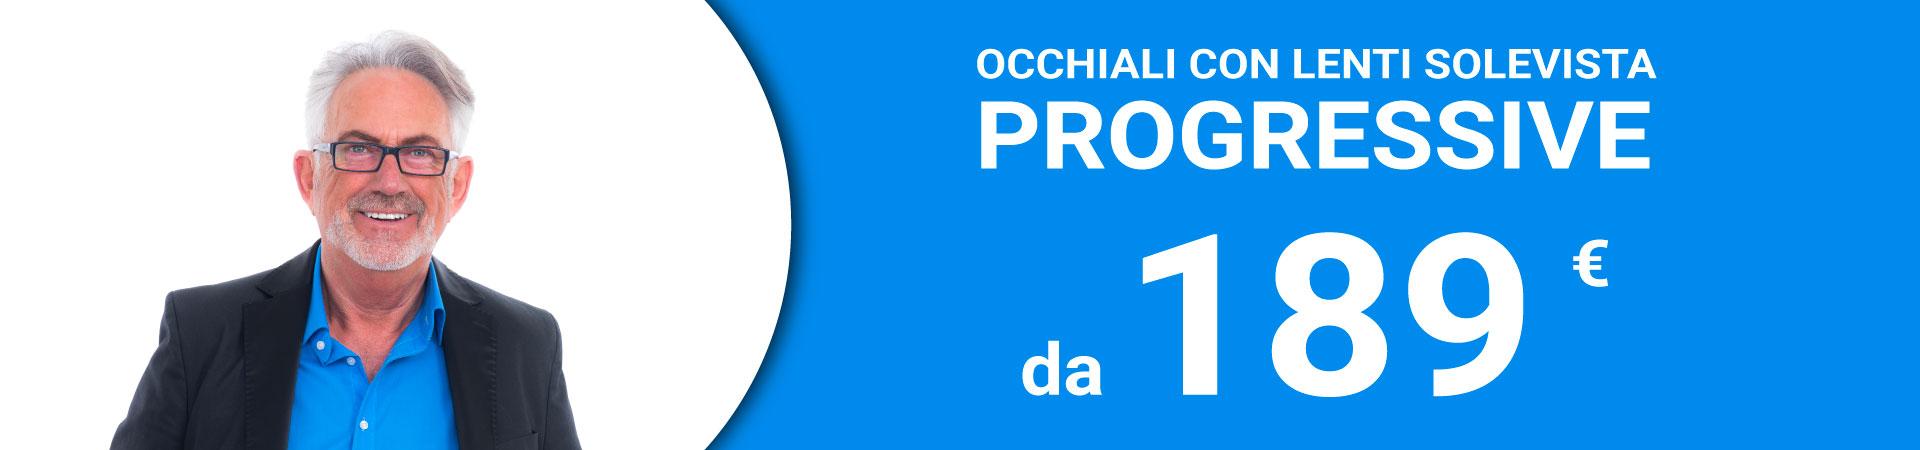 Promozione occhiali progressivi da 189€